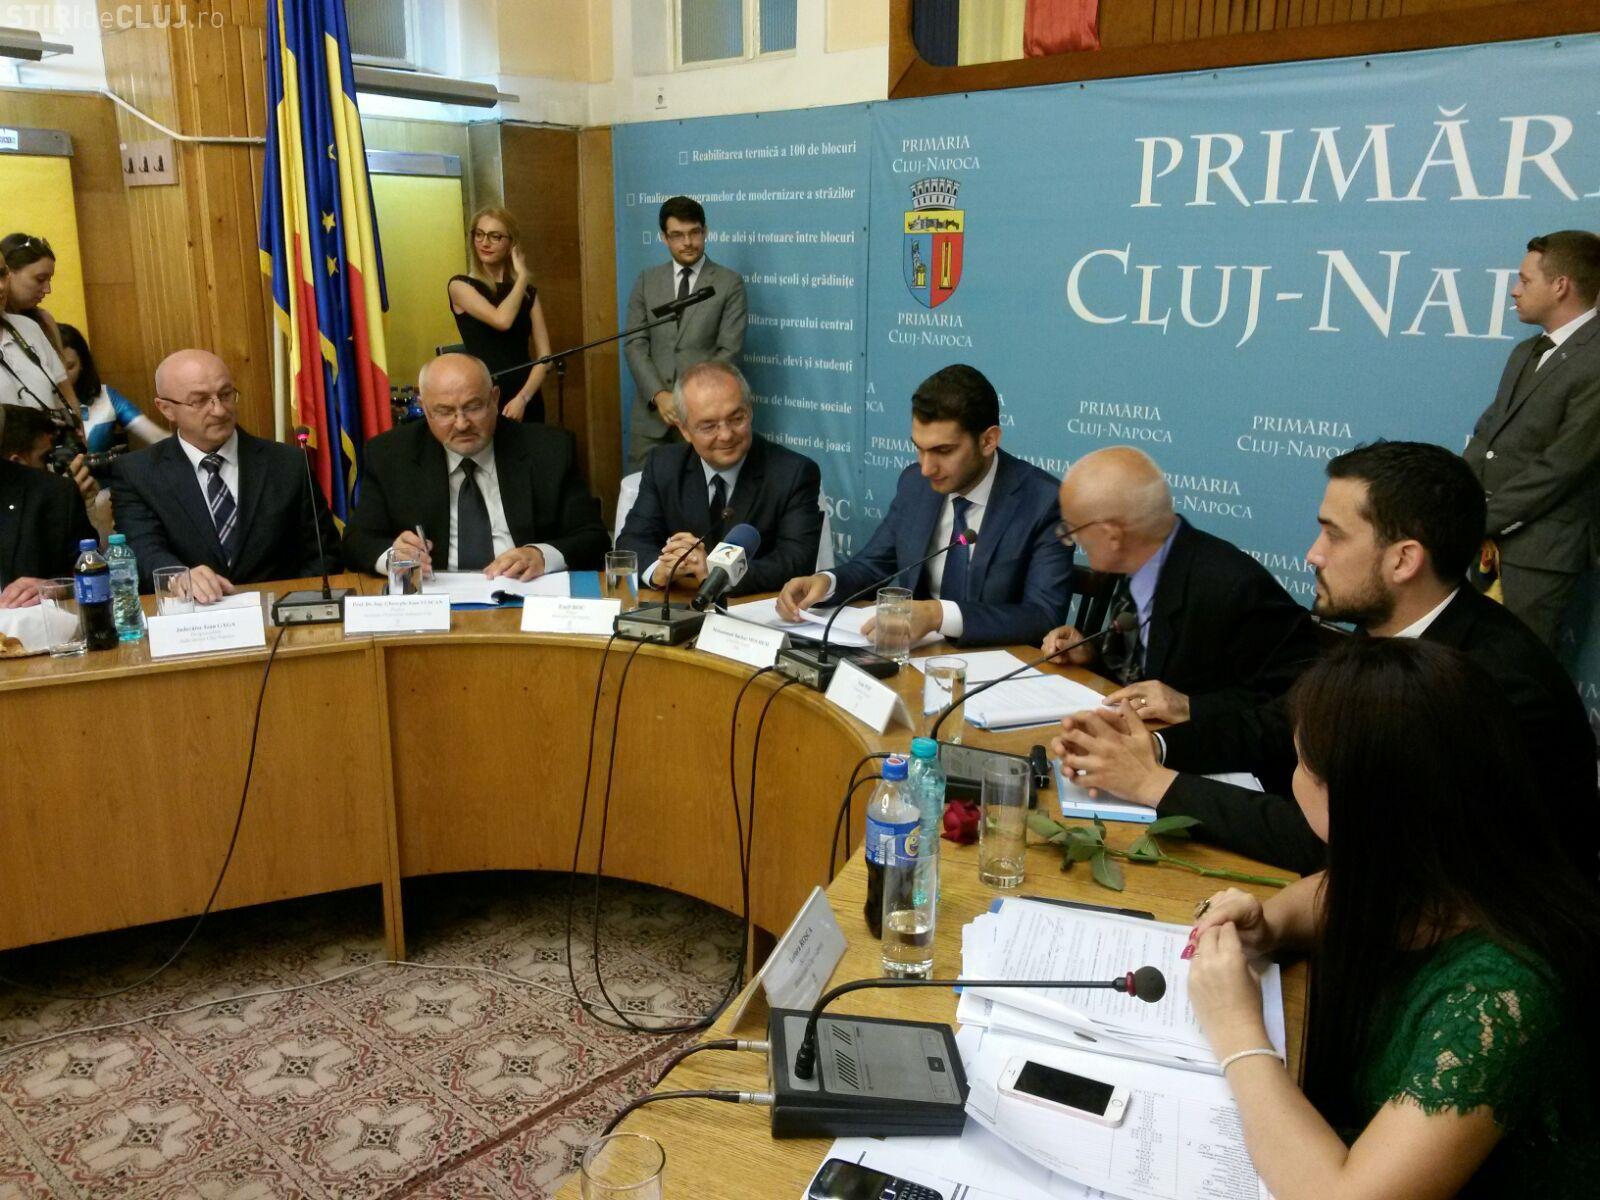 Emil Boc a fost validat în funcția de primar al Clujului. A ținut și un discurs FOTO/VIDEO